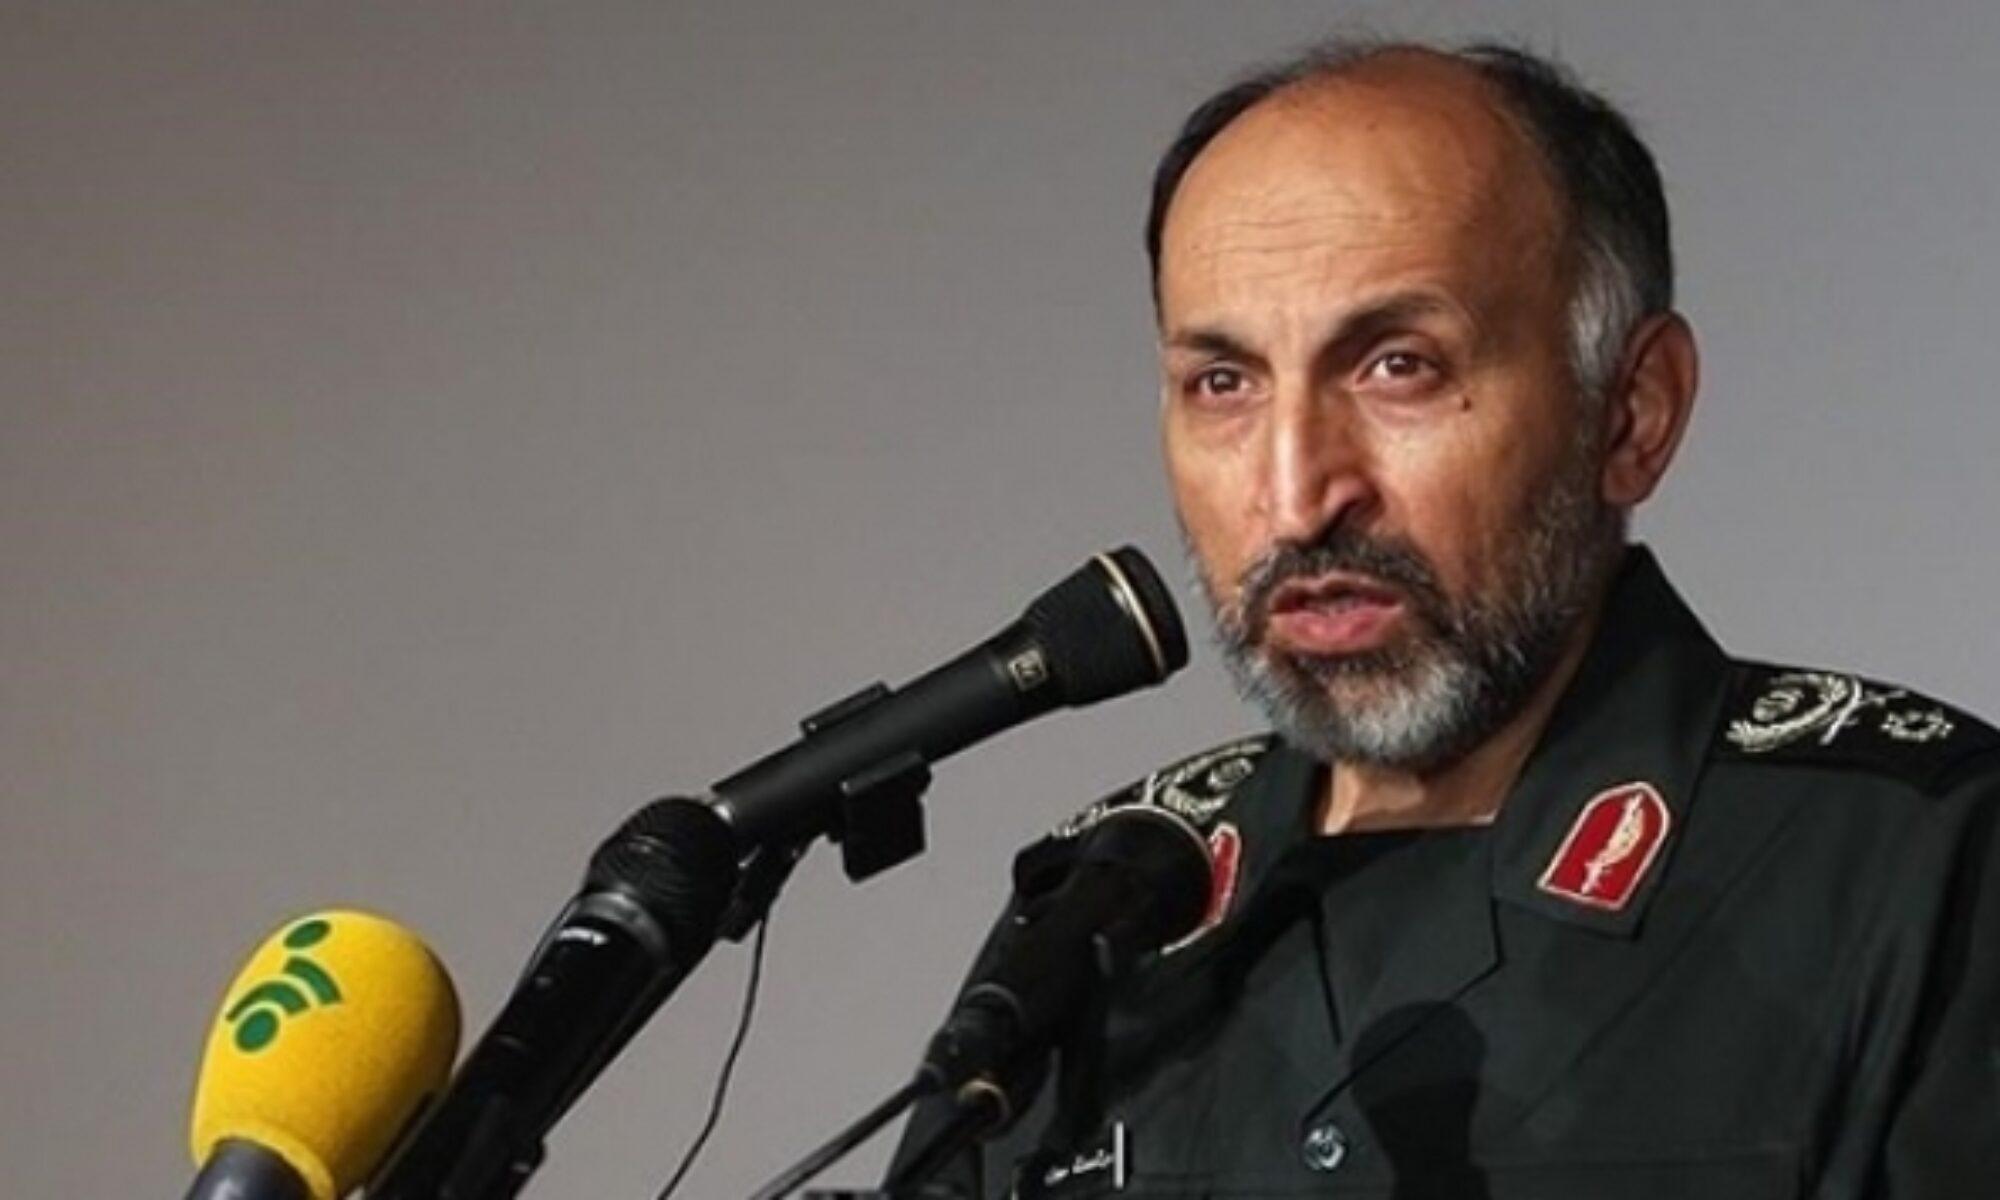 Devrim Muhafızları Komutanı Hicazi'nin nasıl öldüğü tartışma konusu oldu